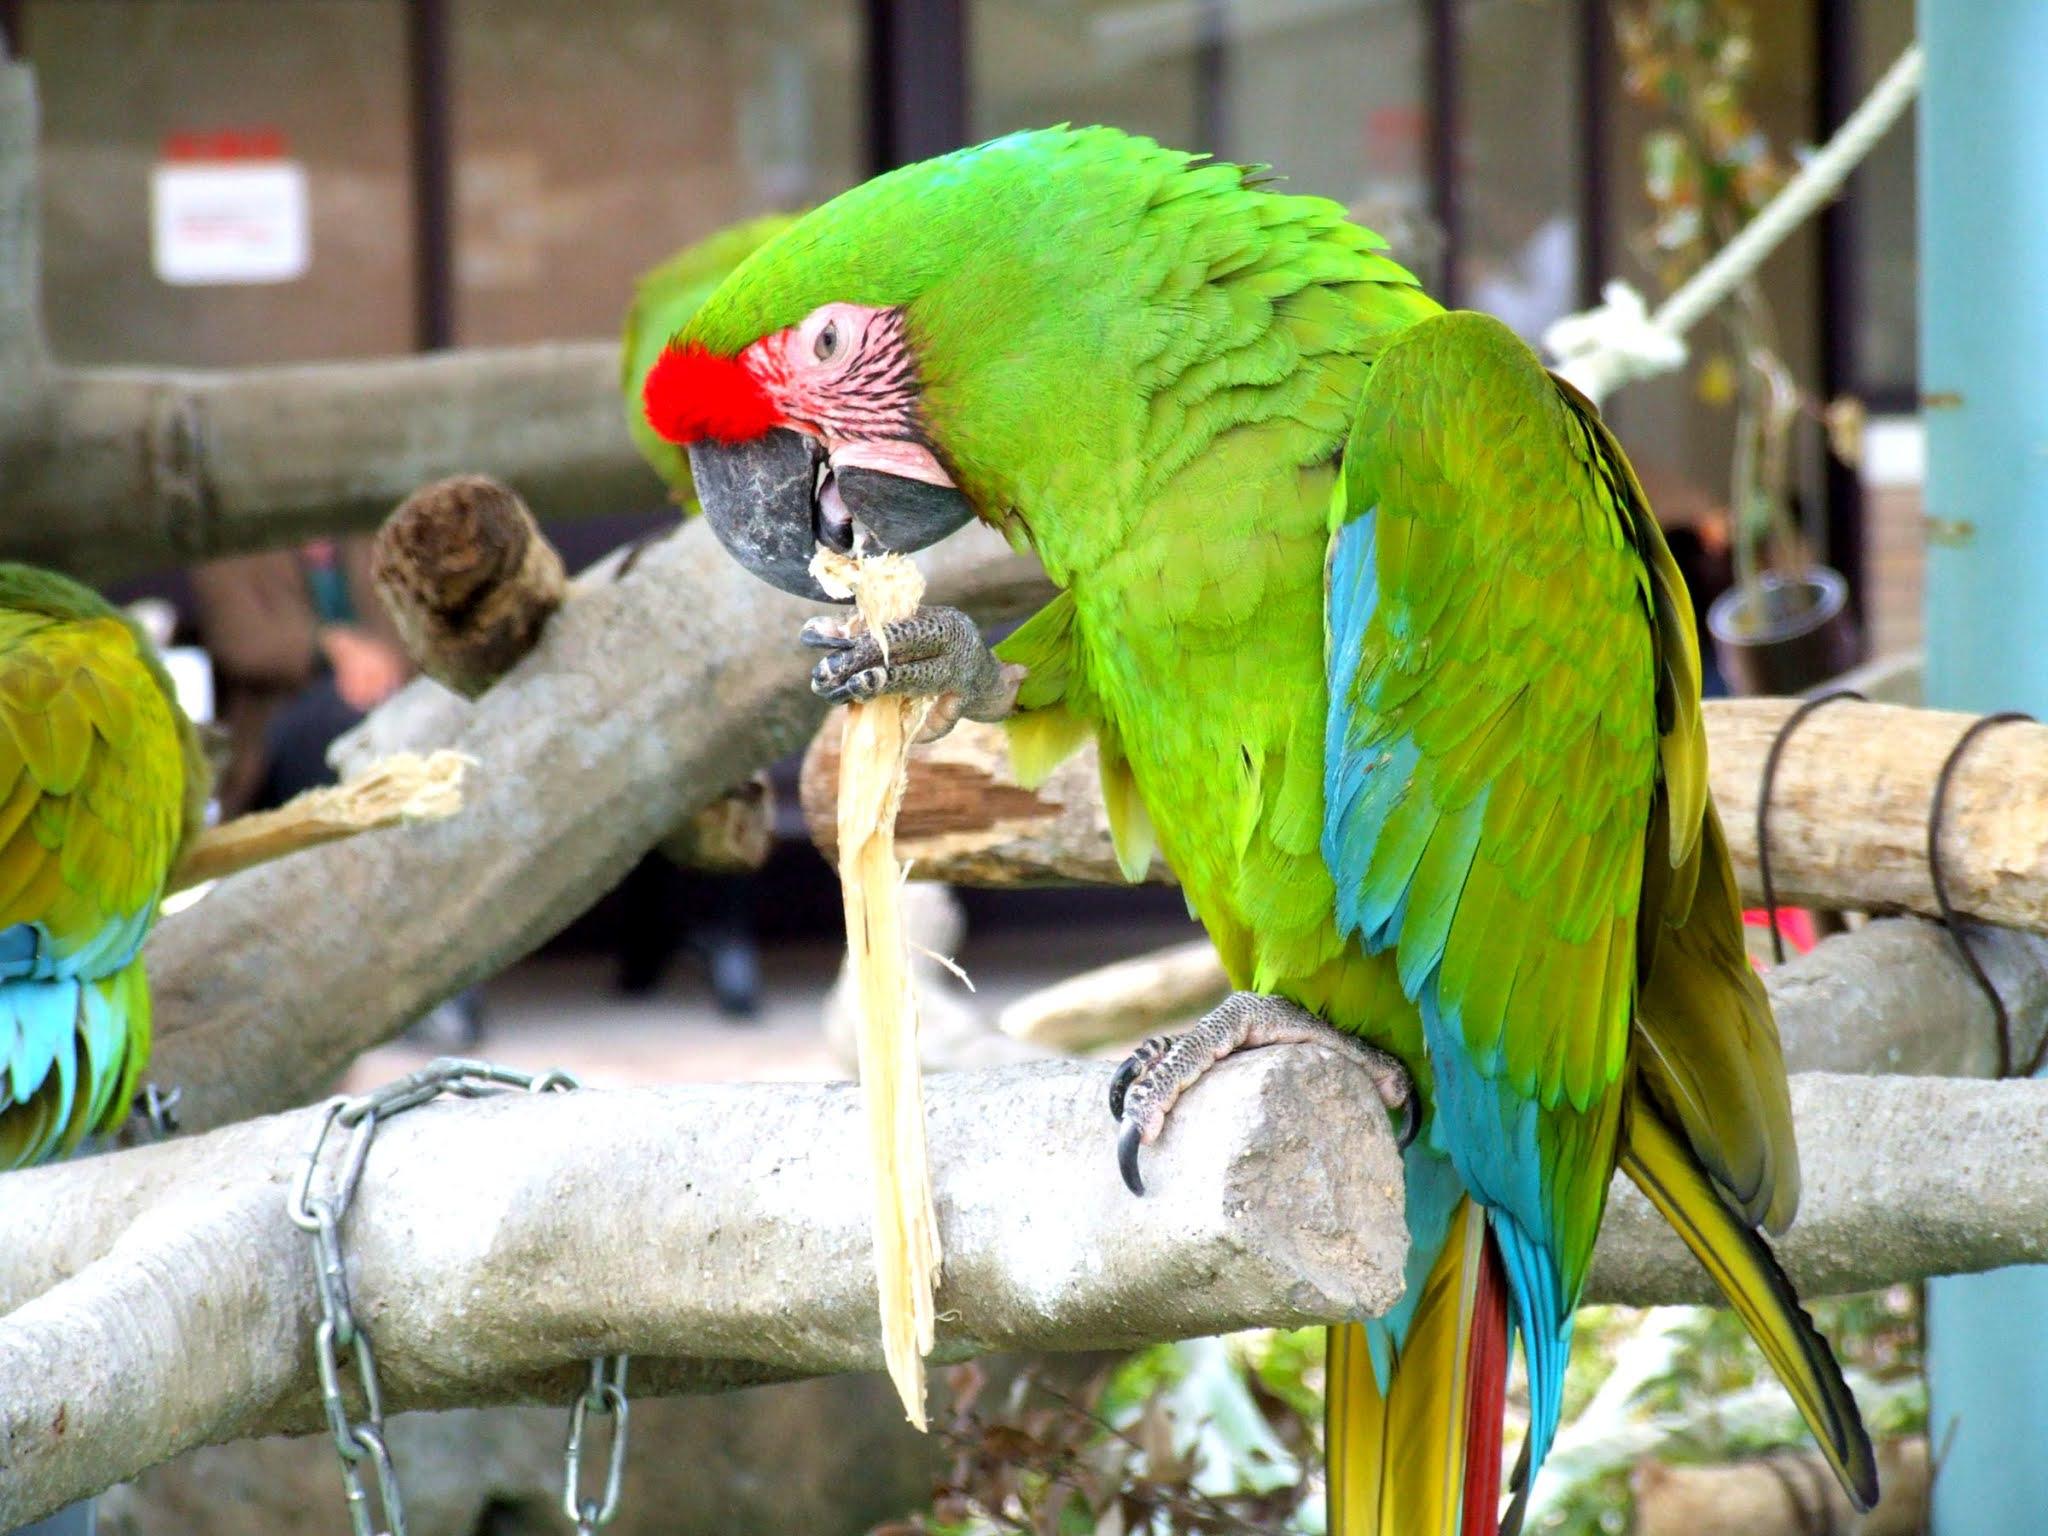 緑の鮮やかな被毛が美しい、オウム目インコ科のミドリコンゴウインコというオウムの写真素材です。